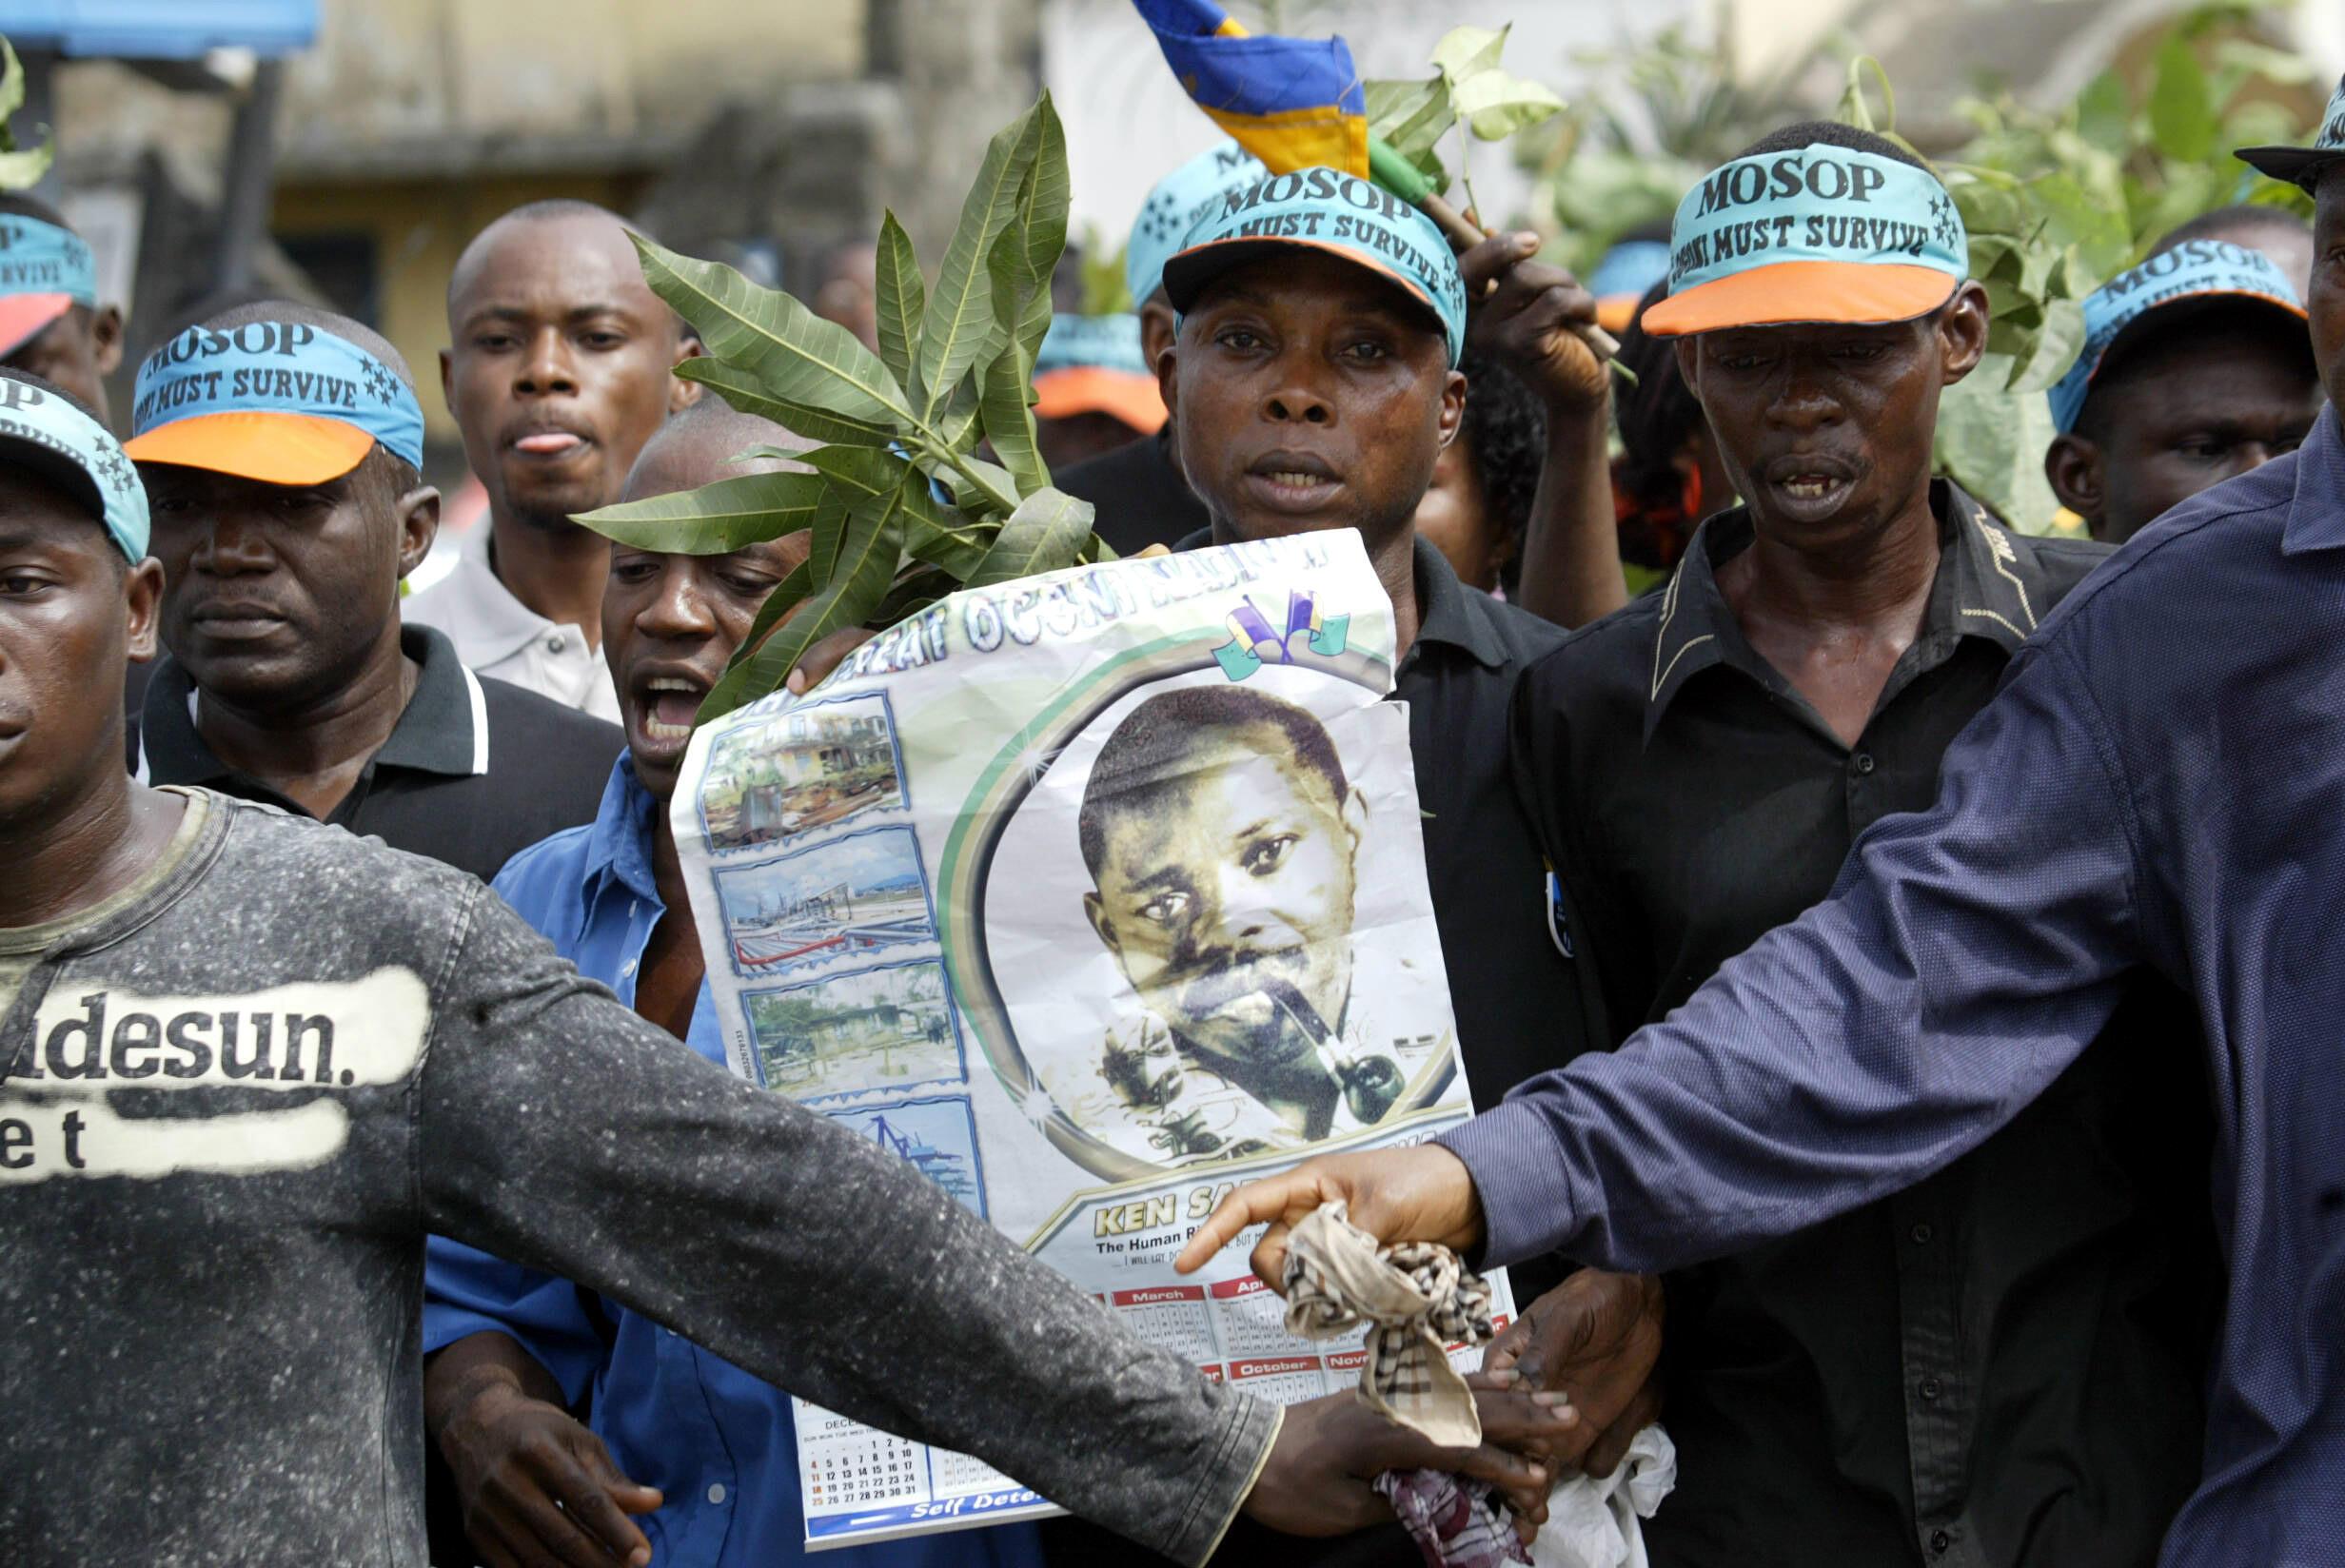 Manifestation d'Ogoni arborant le portrait de Ken Saro-Wiwa, ici à Port Harcourt, le 10 novembre 2005.